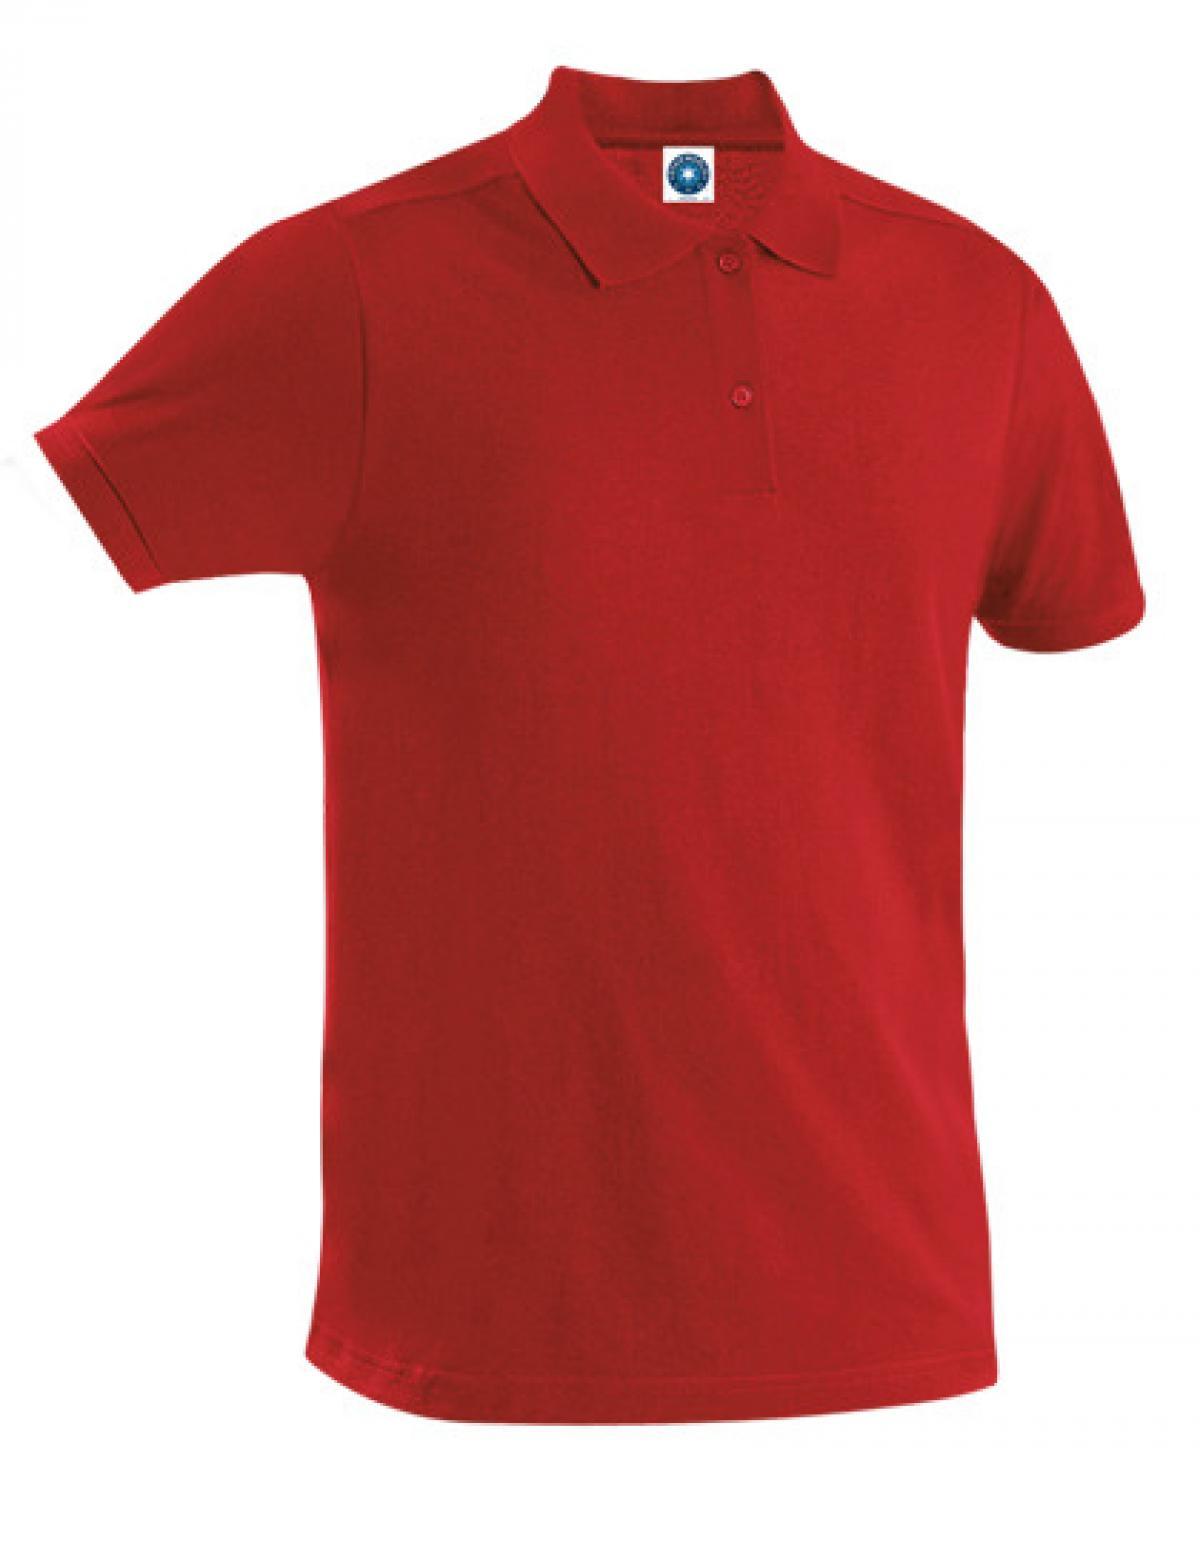 herren polo shirt waschbar bis 60 c rexlander s. Black Bedroom Furniture Sets. Home Design Ideas